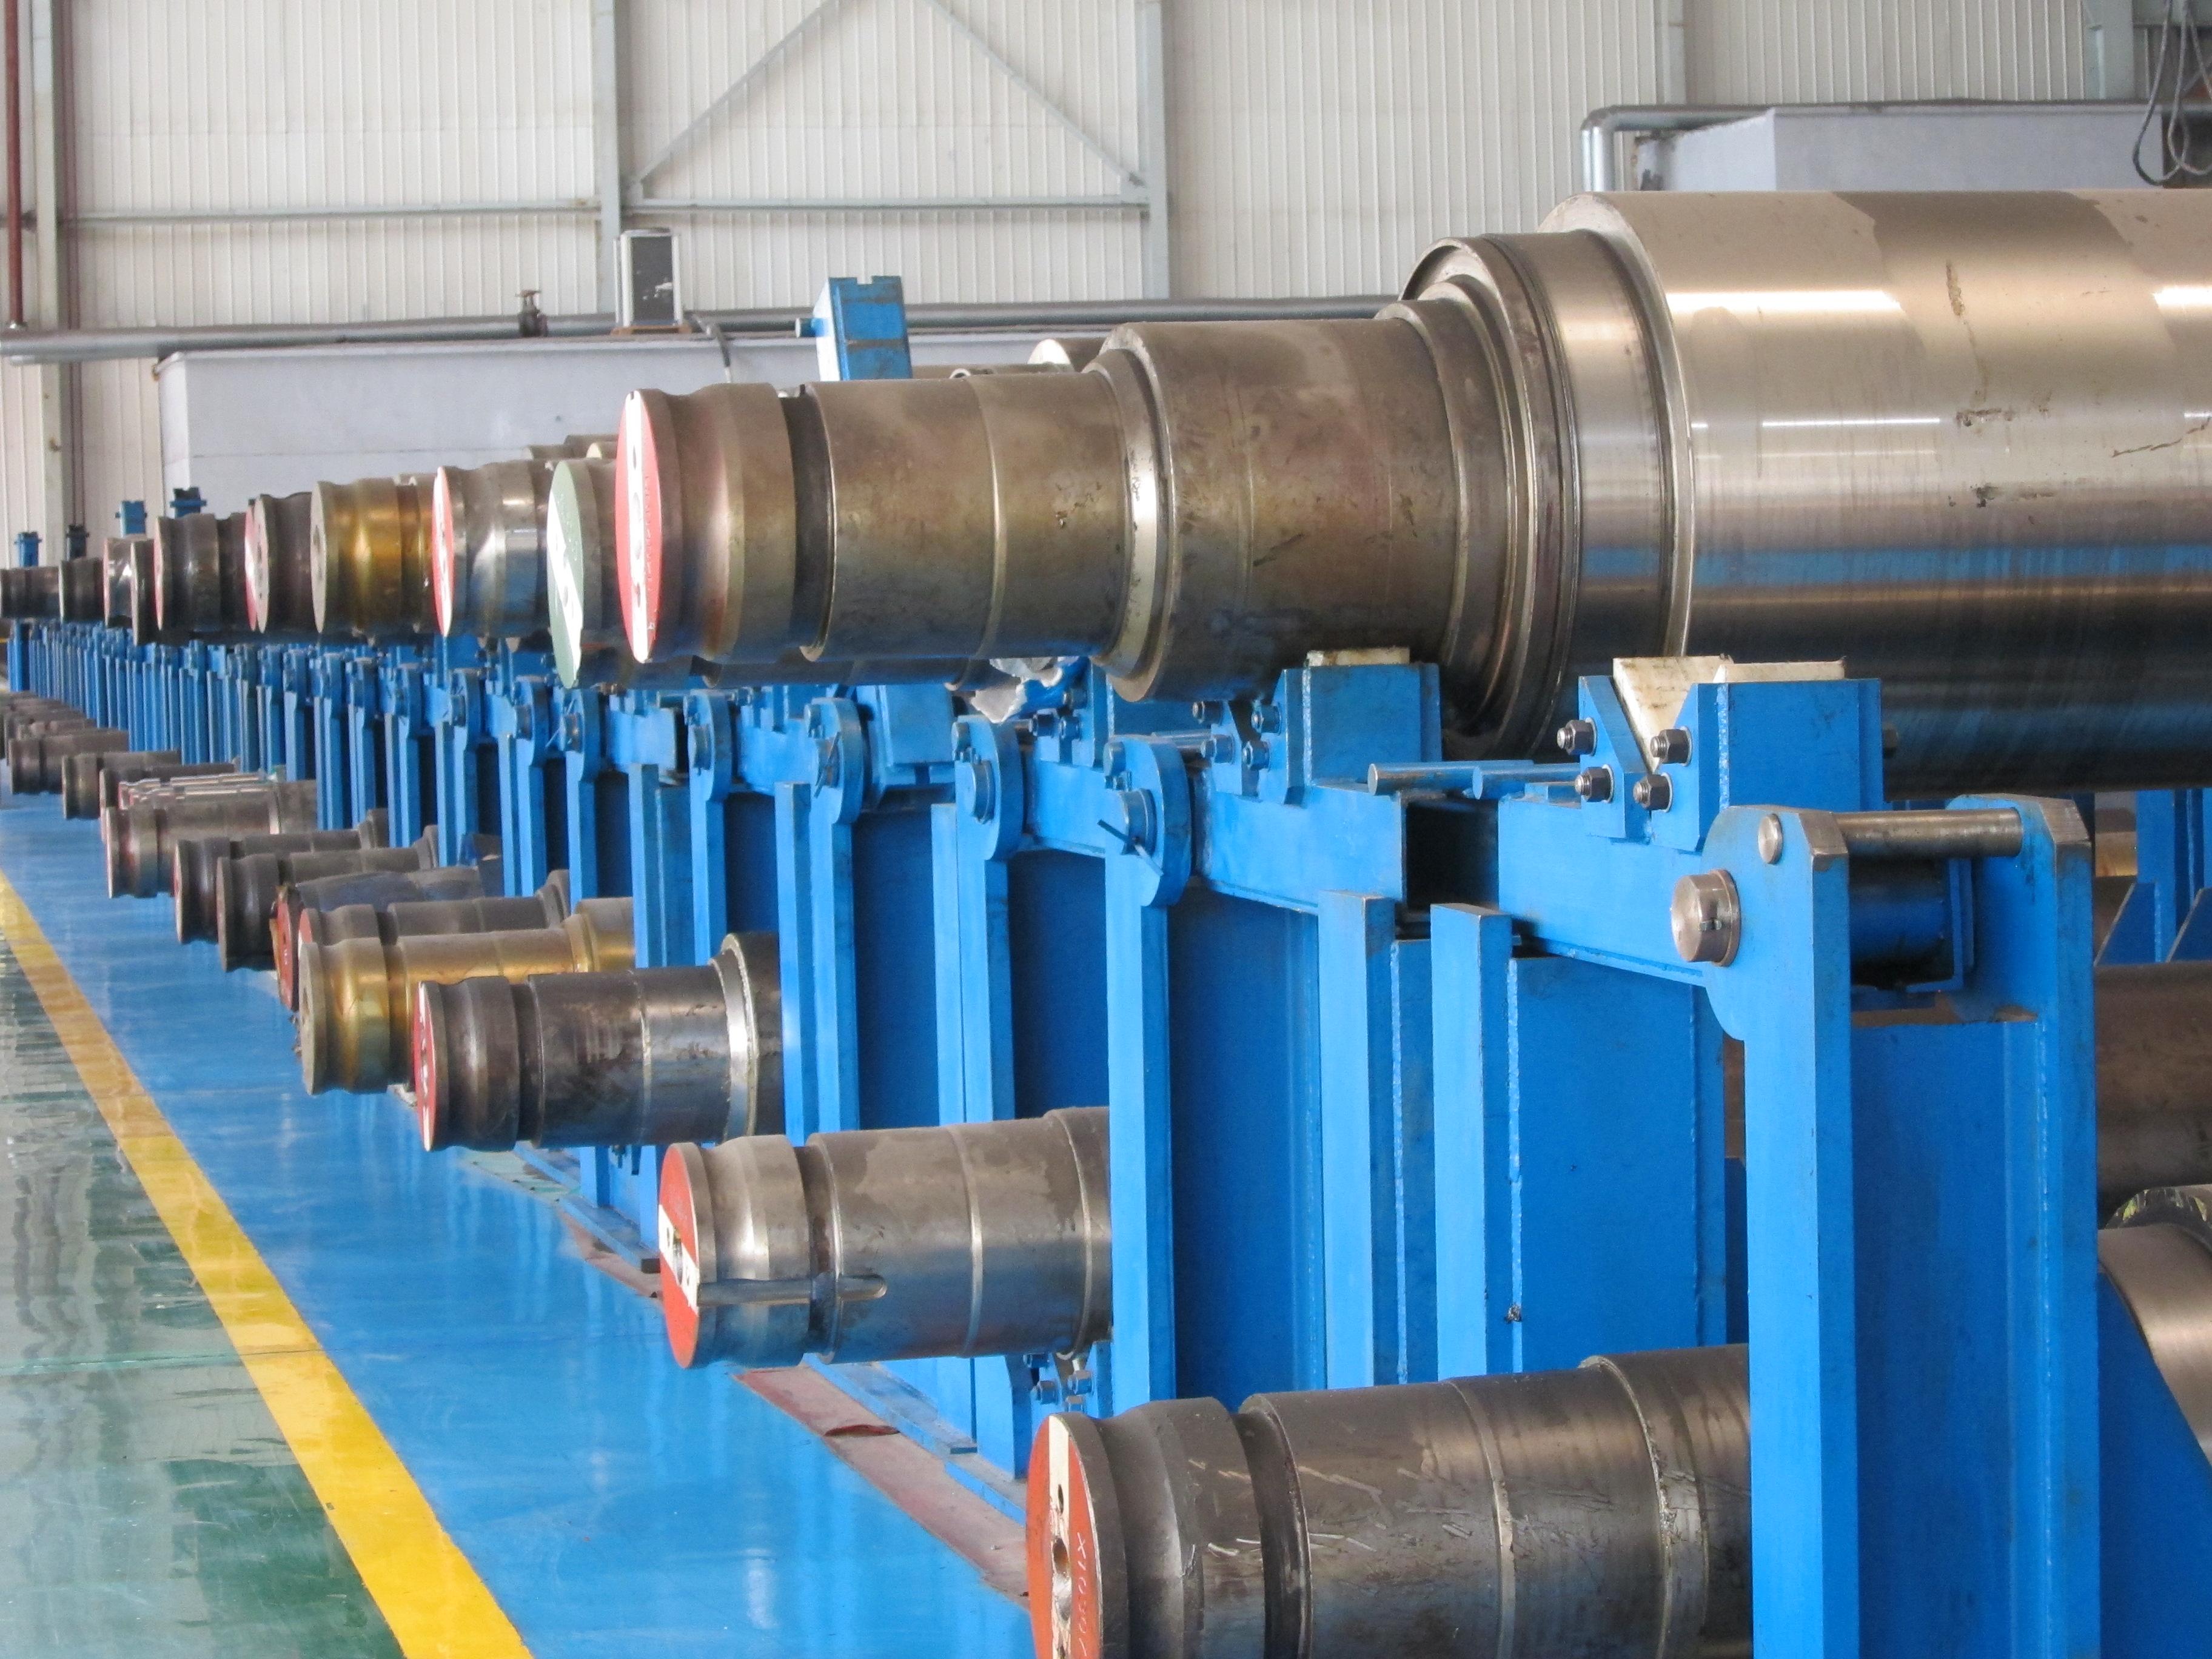 STEELAR: Steel components assessment using a novel non-destructive residual stress ultrasonic technology